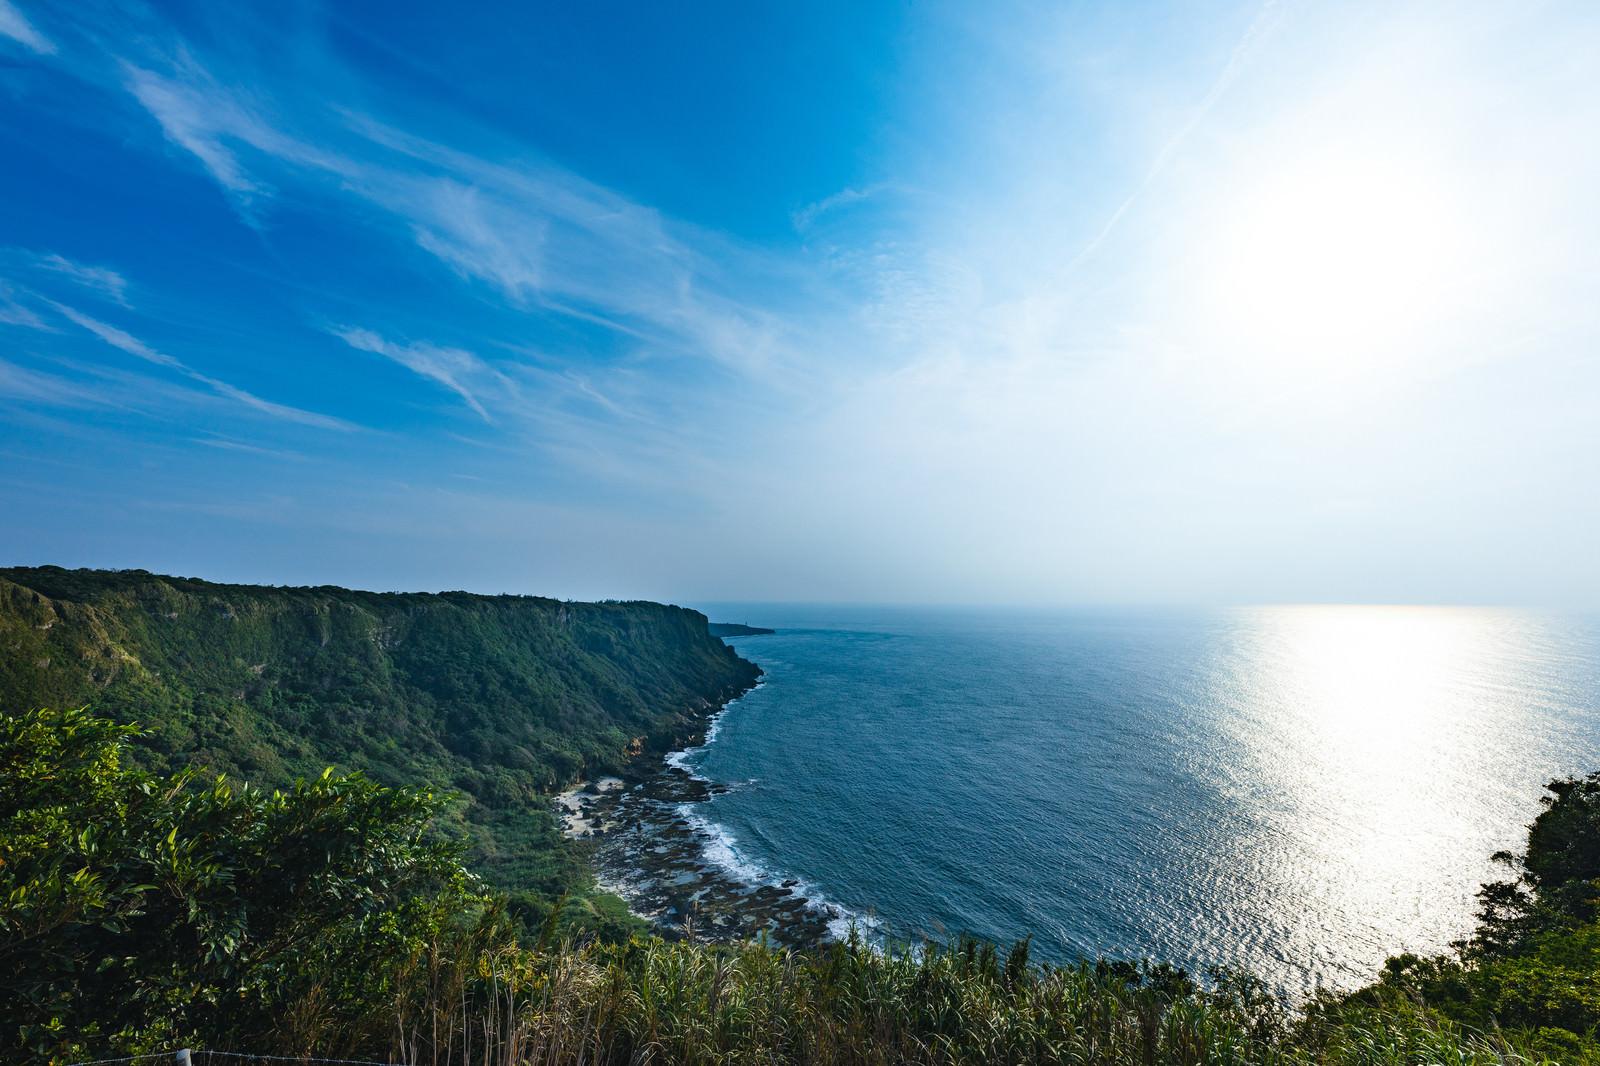 「徳之島犬田布岬の断崖絶壁と青空」の写真